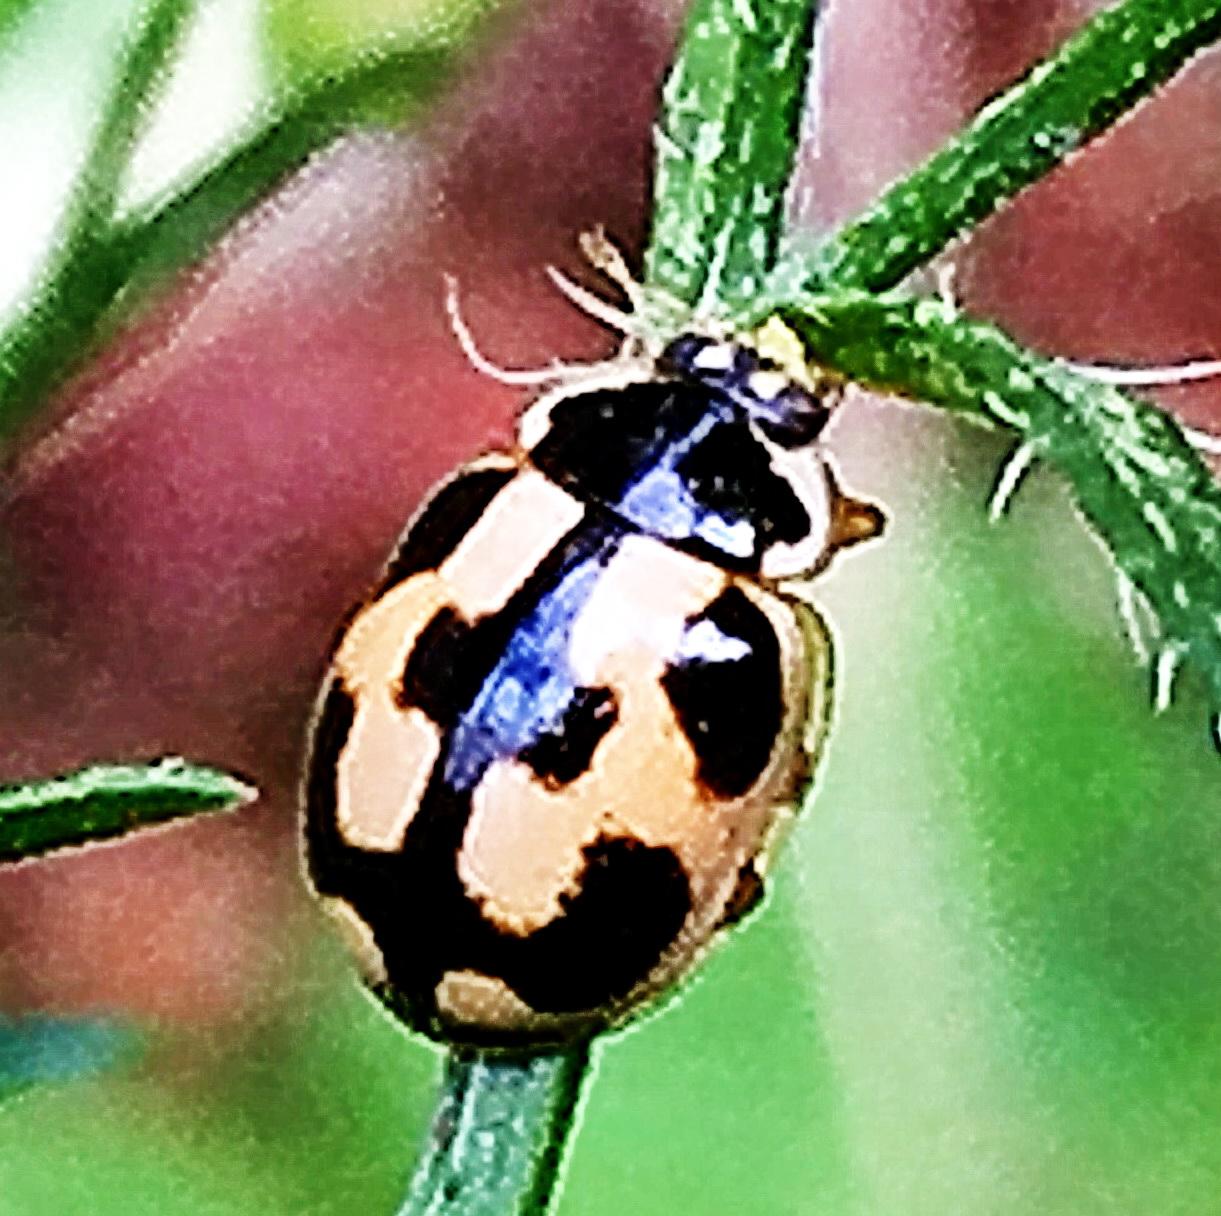 ヒメカメノコテントウ 亀甲型、基本型 雌